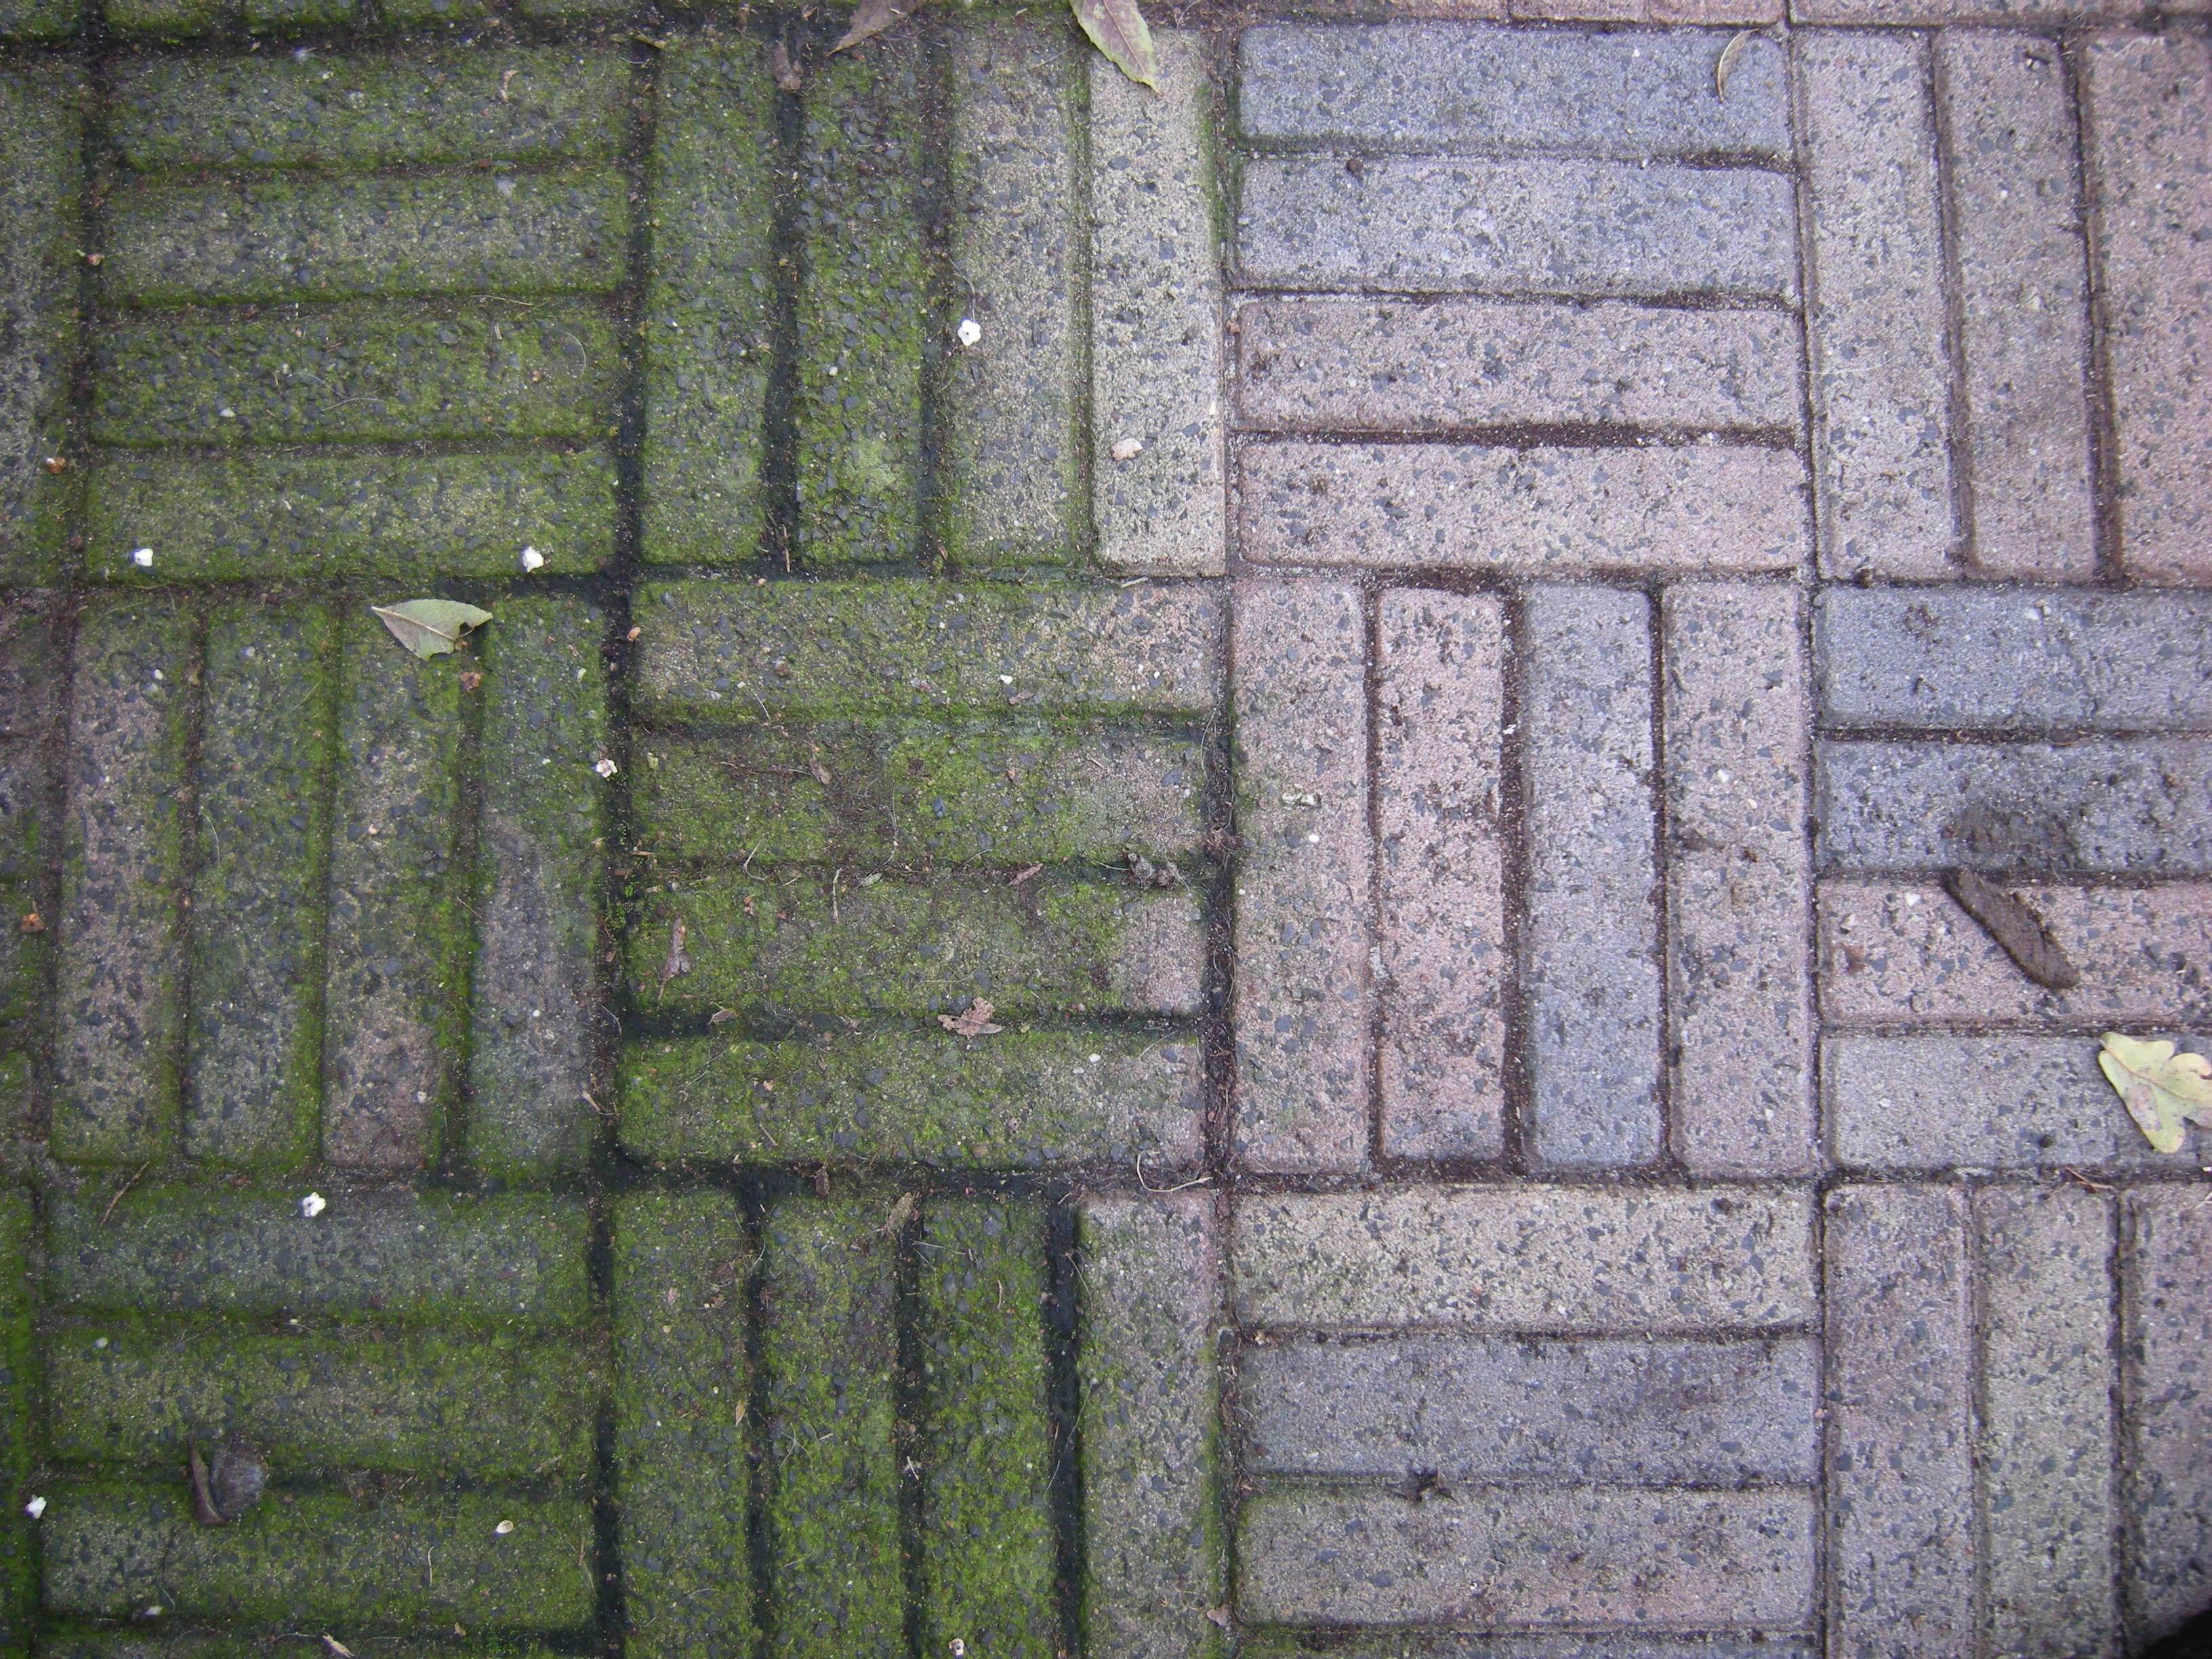 Tegels Voor Oprit : Tegels voor oprit oprit met cm tegels oprit grote tegels met